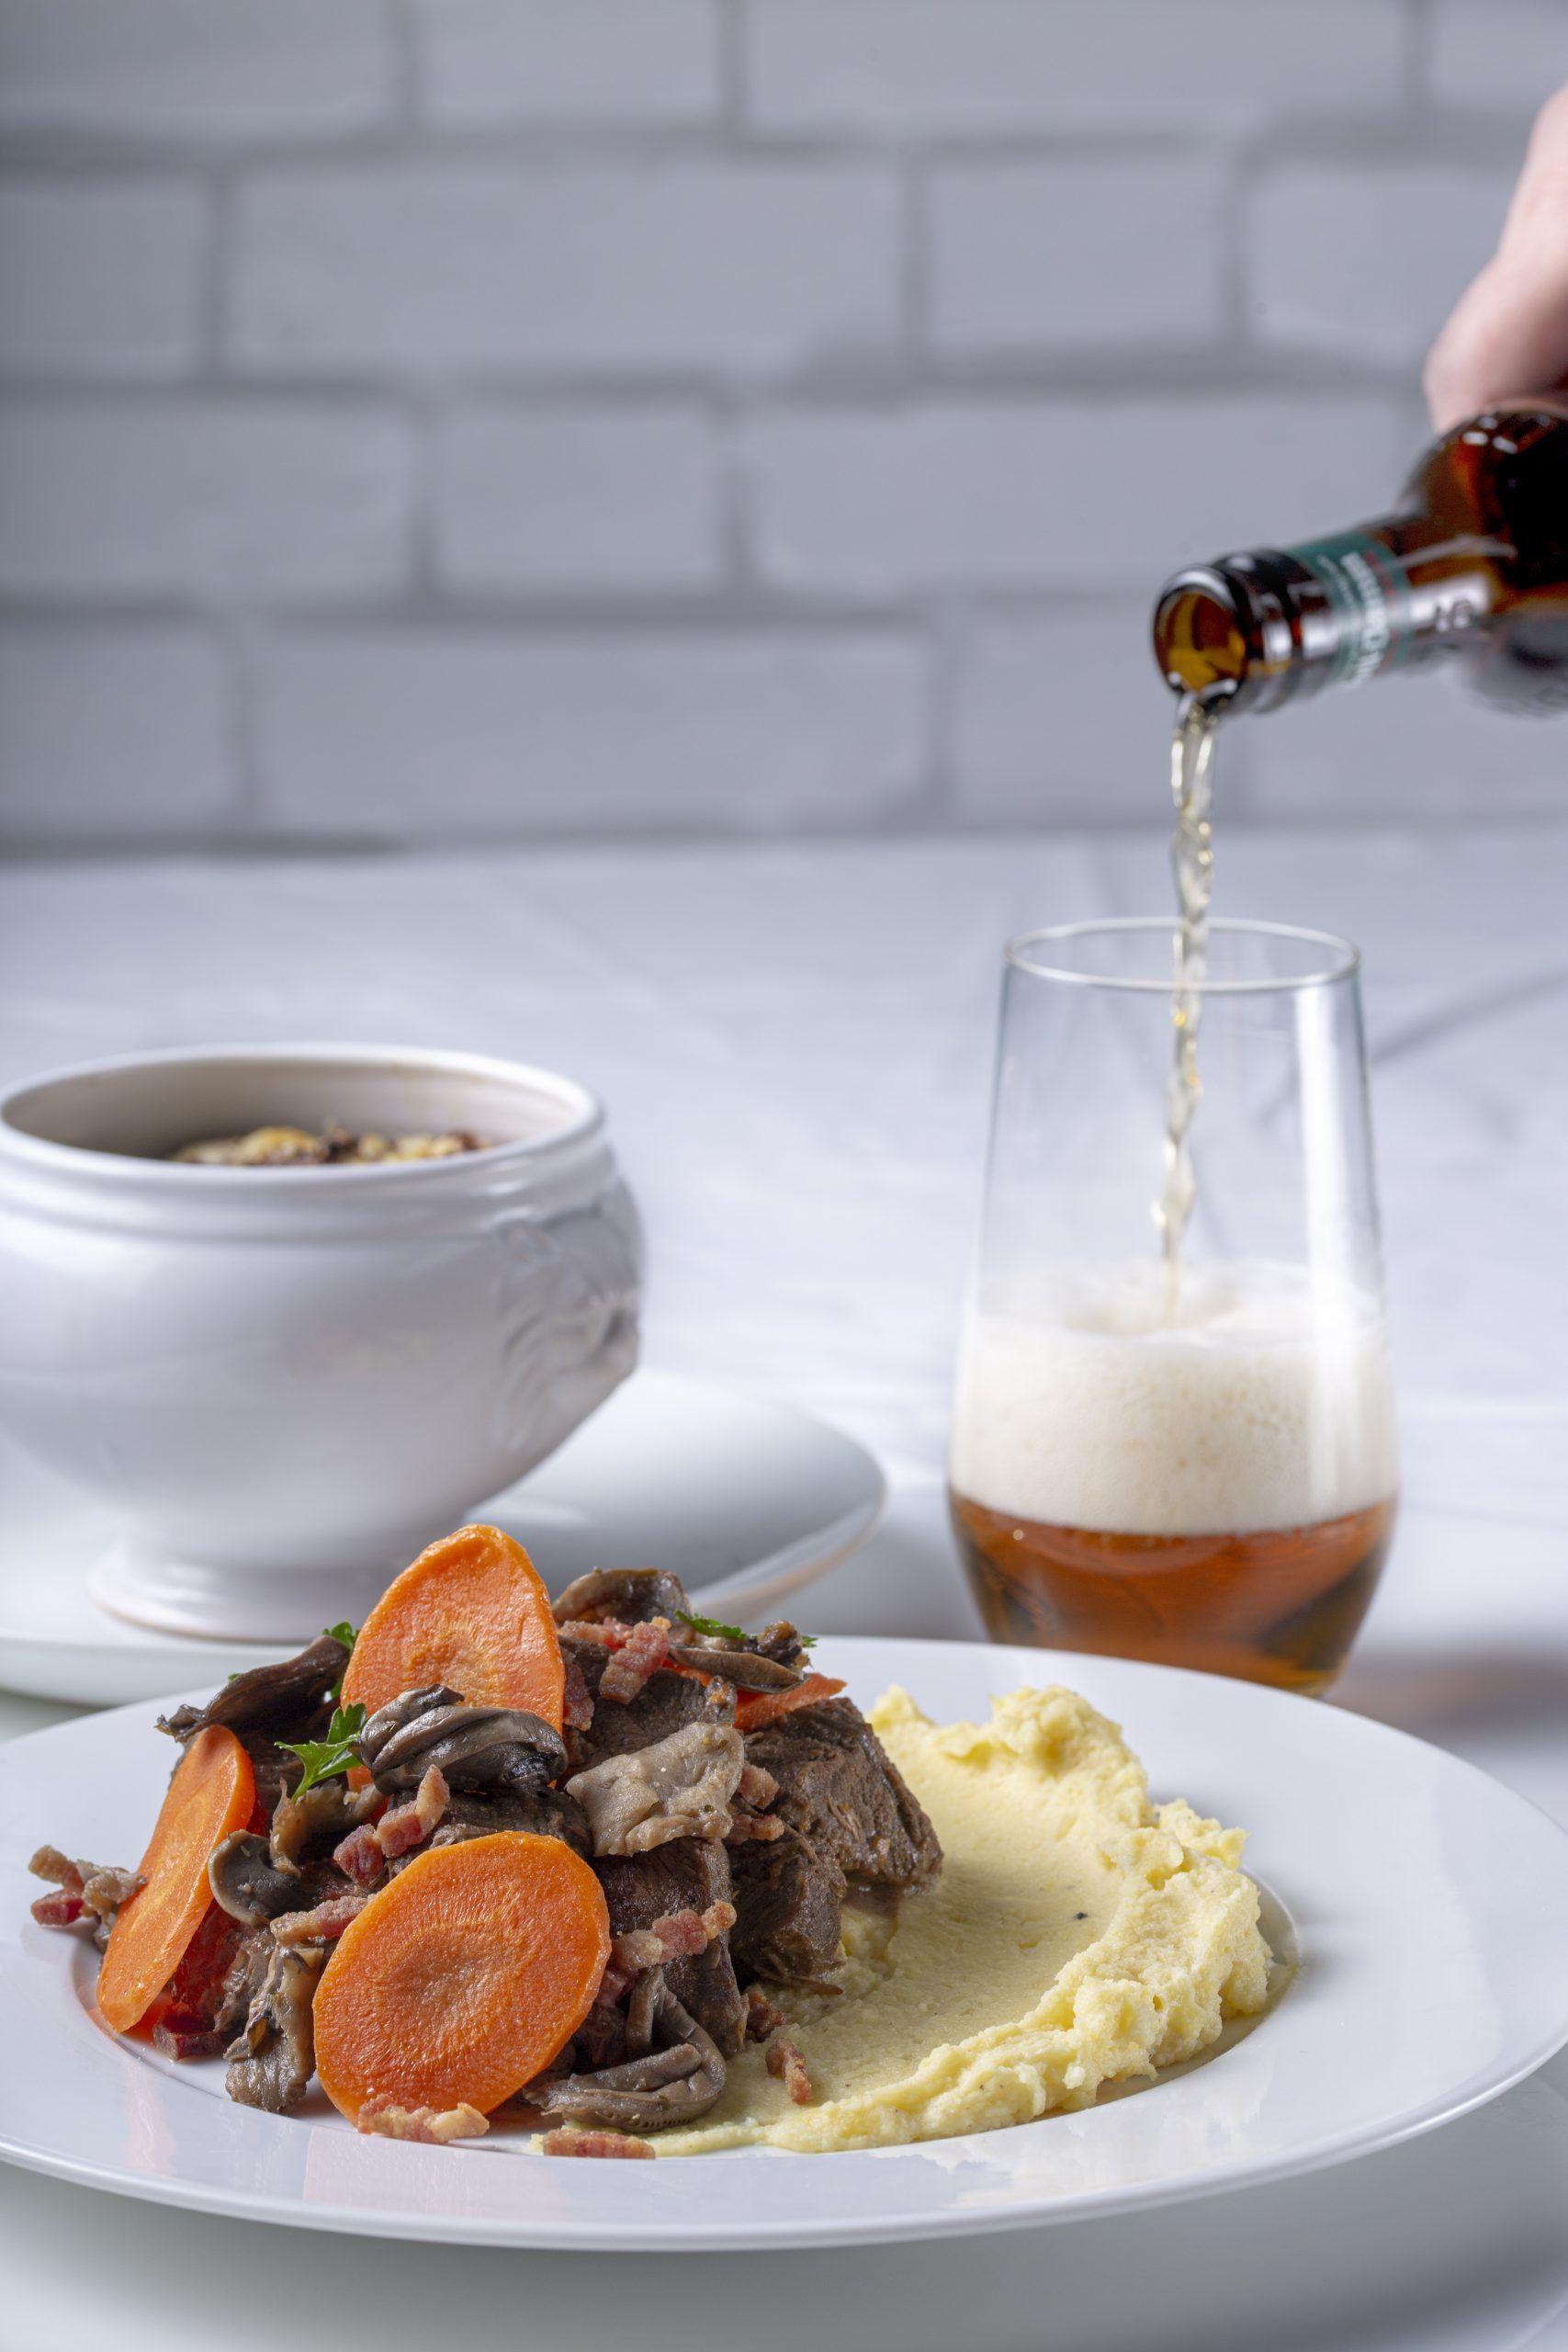 Una experiencia culinaria a domicilio de calidad a un precio razonable en Alcorcón